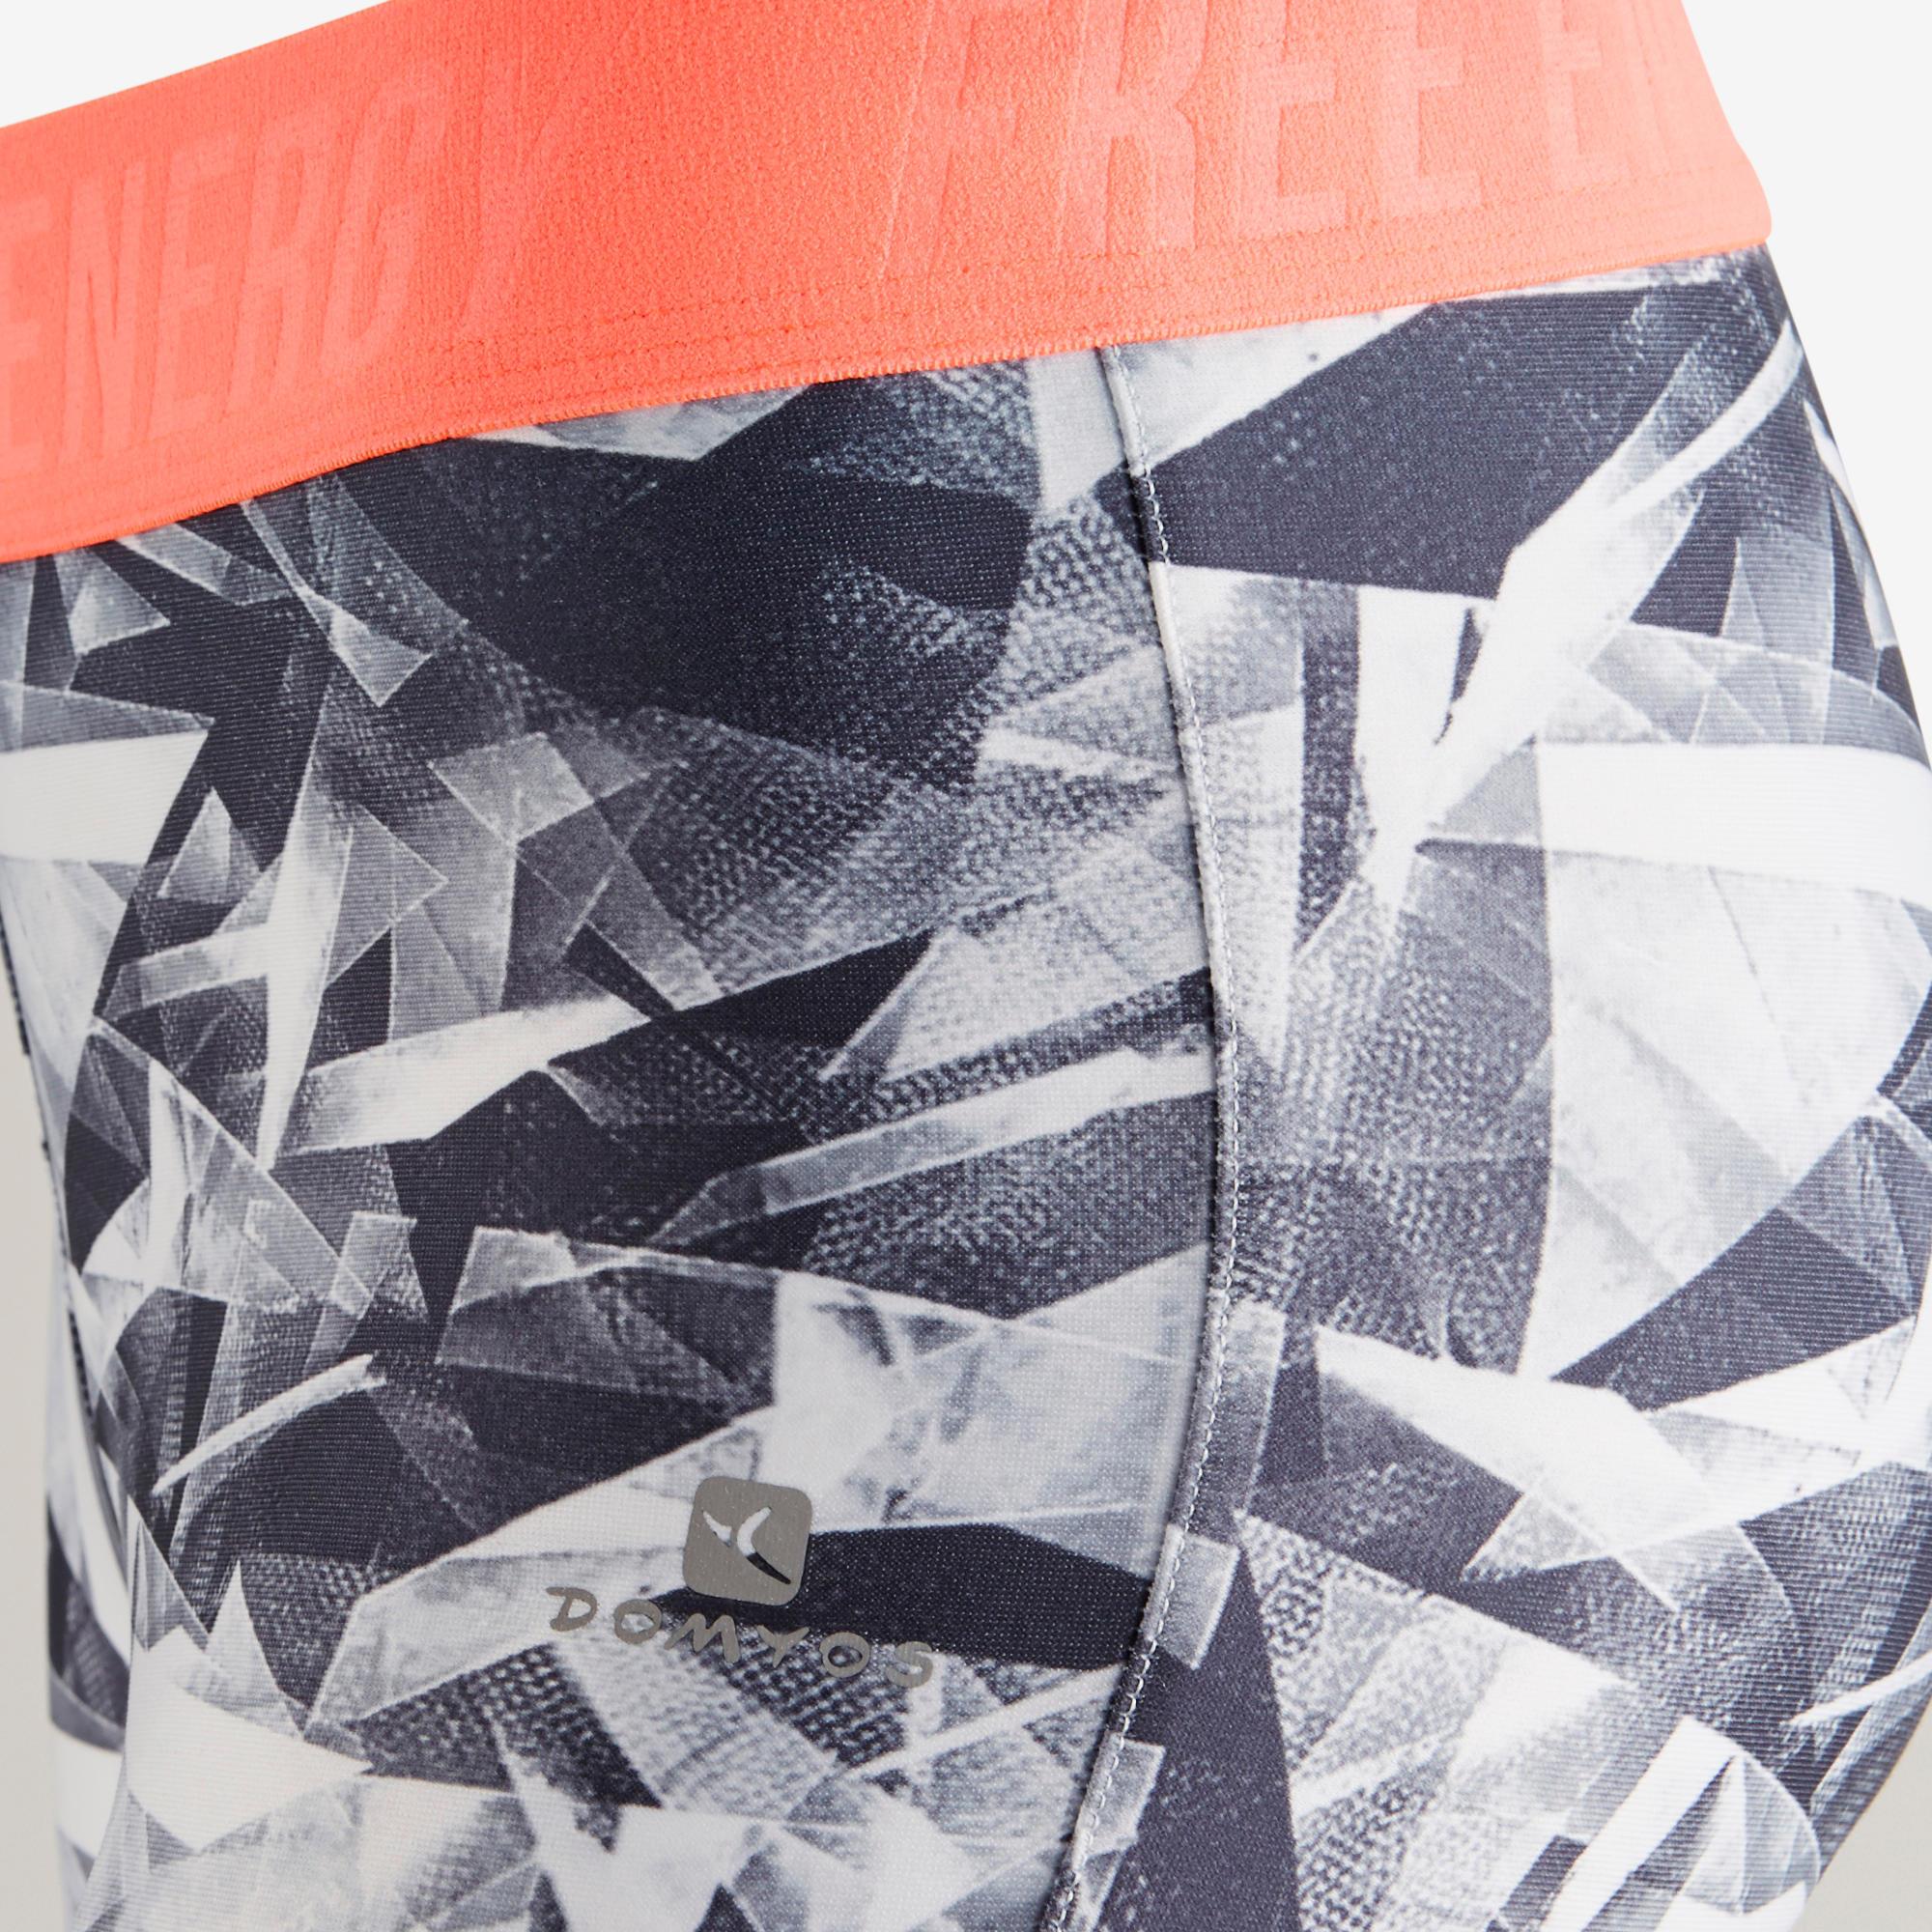 S900 Girls' Gym Leggings - White Print